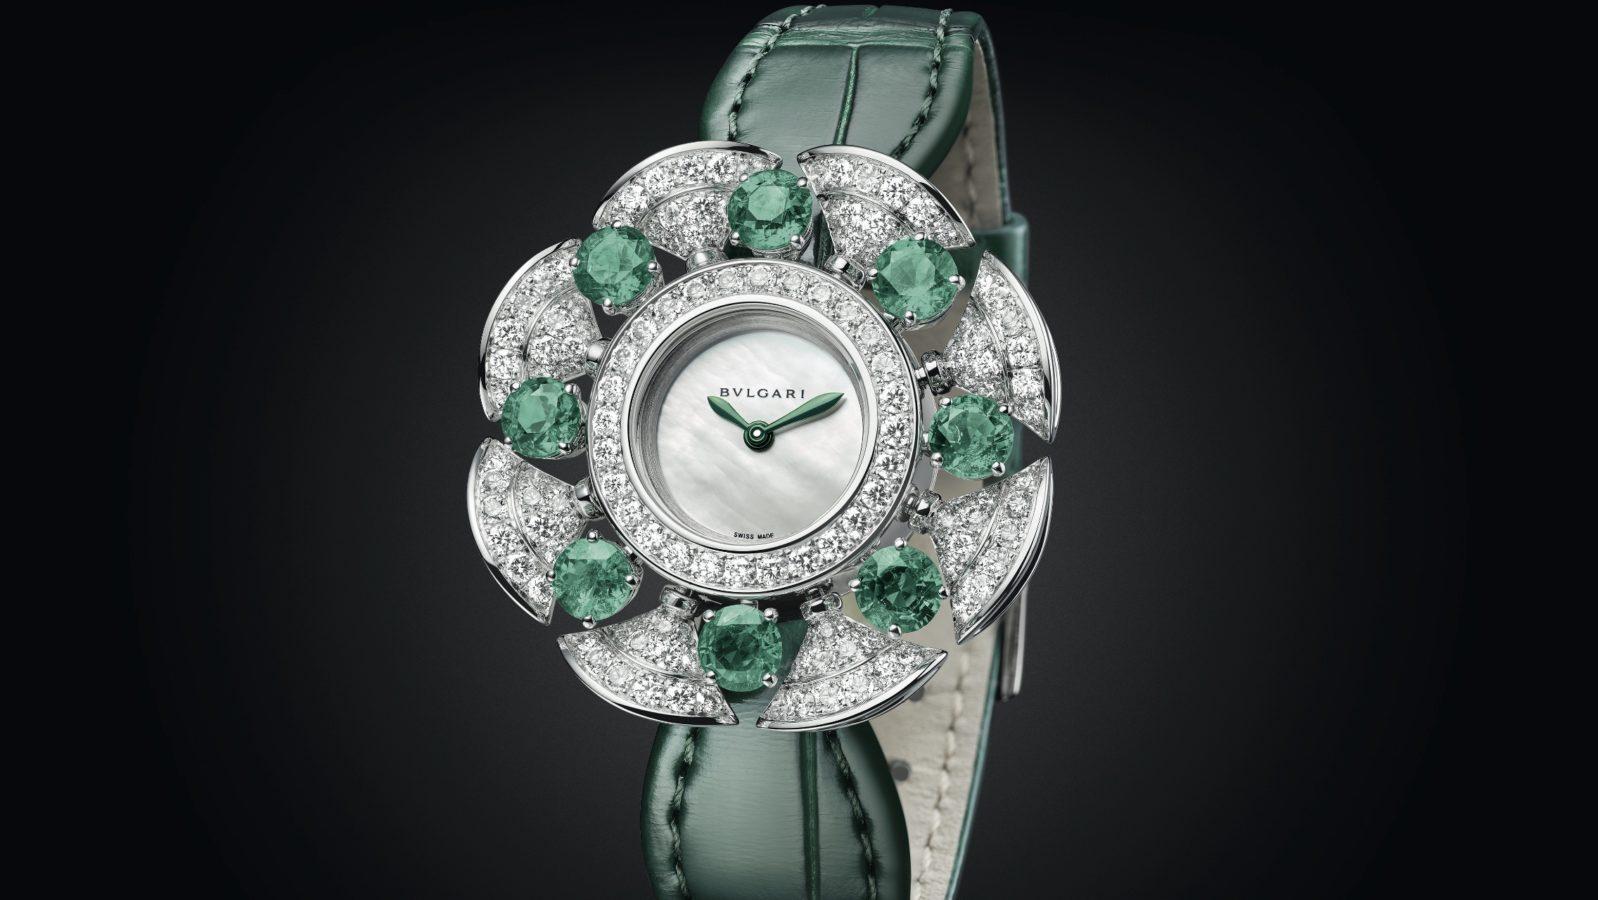 The Latest Bulgari Divas' Dream Divissima Emeralds Showcases Superior Mastery